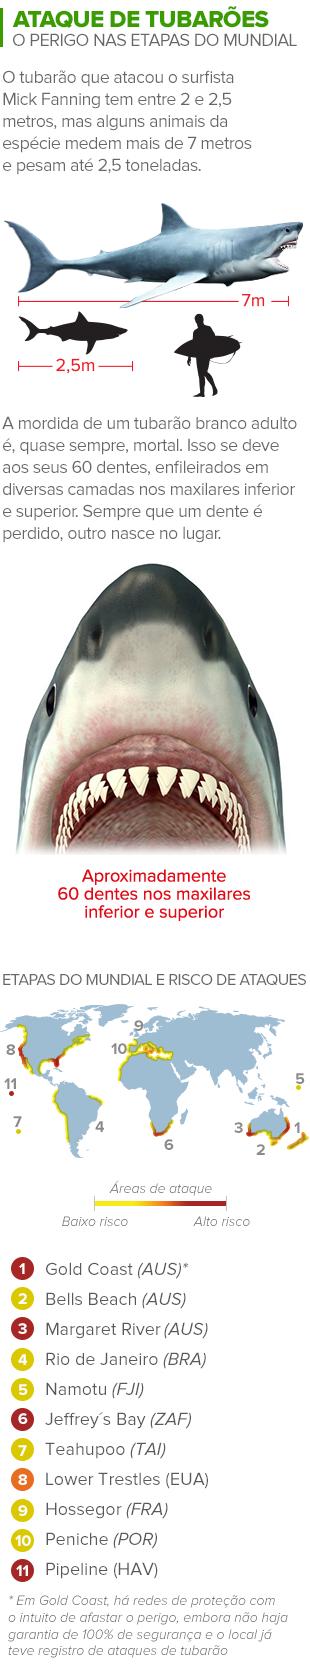 info ataque tubarão 3 (Foto: arte esporte)